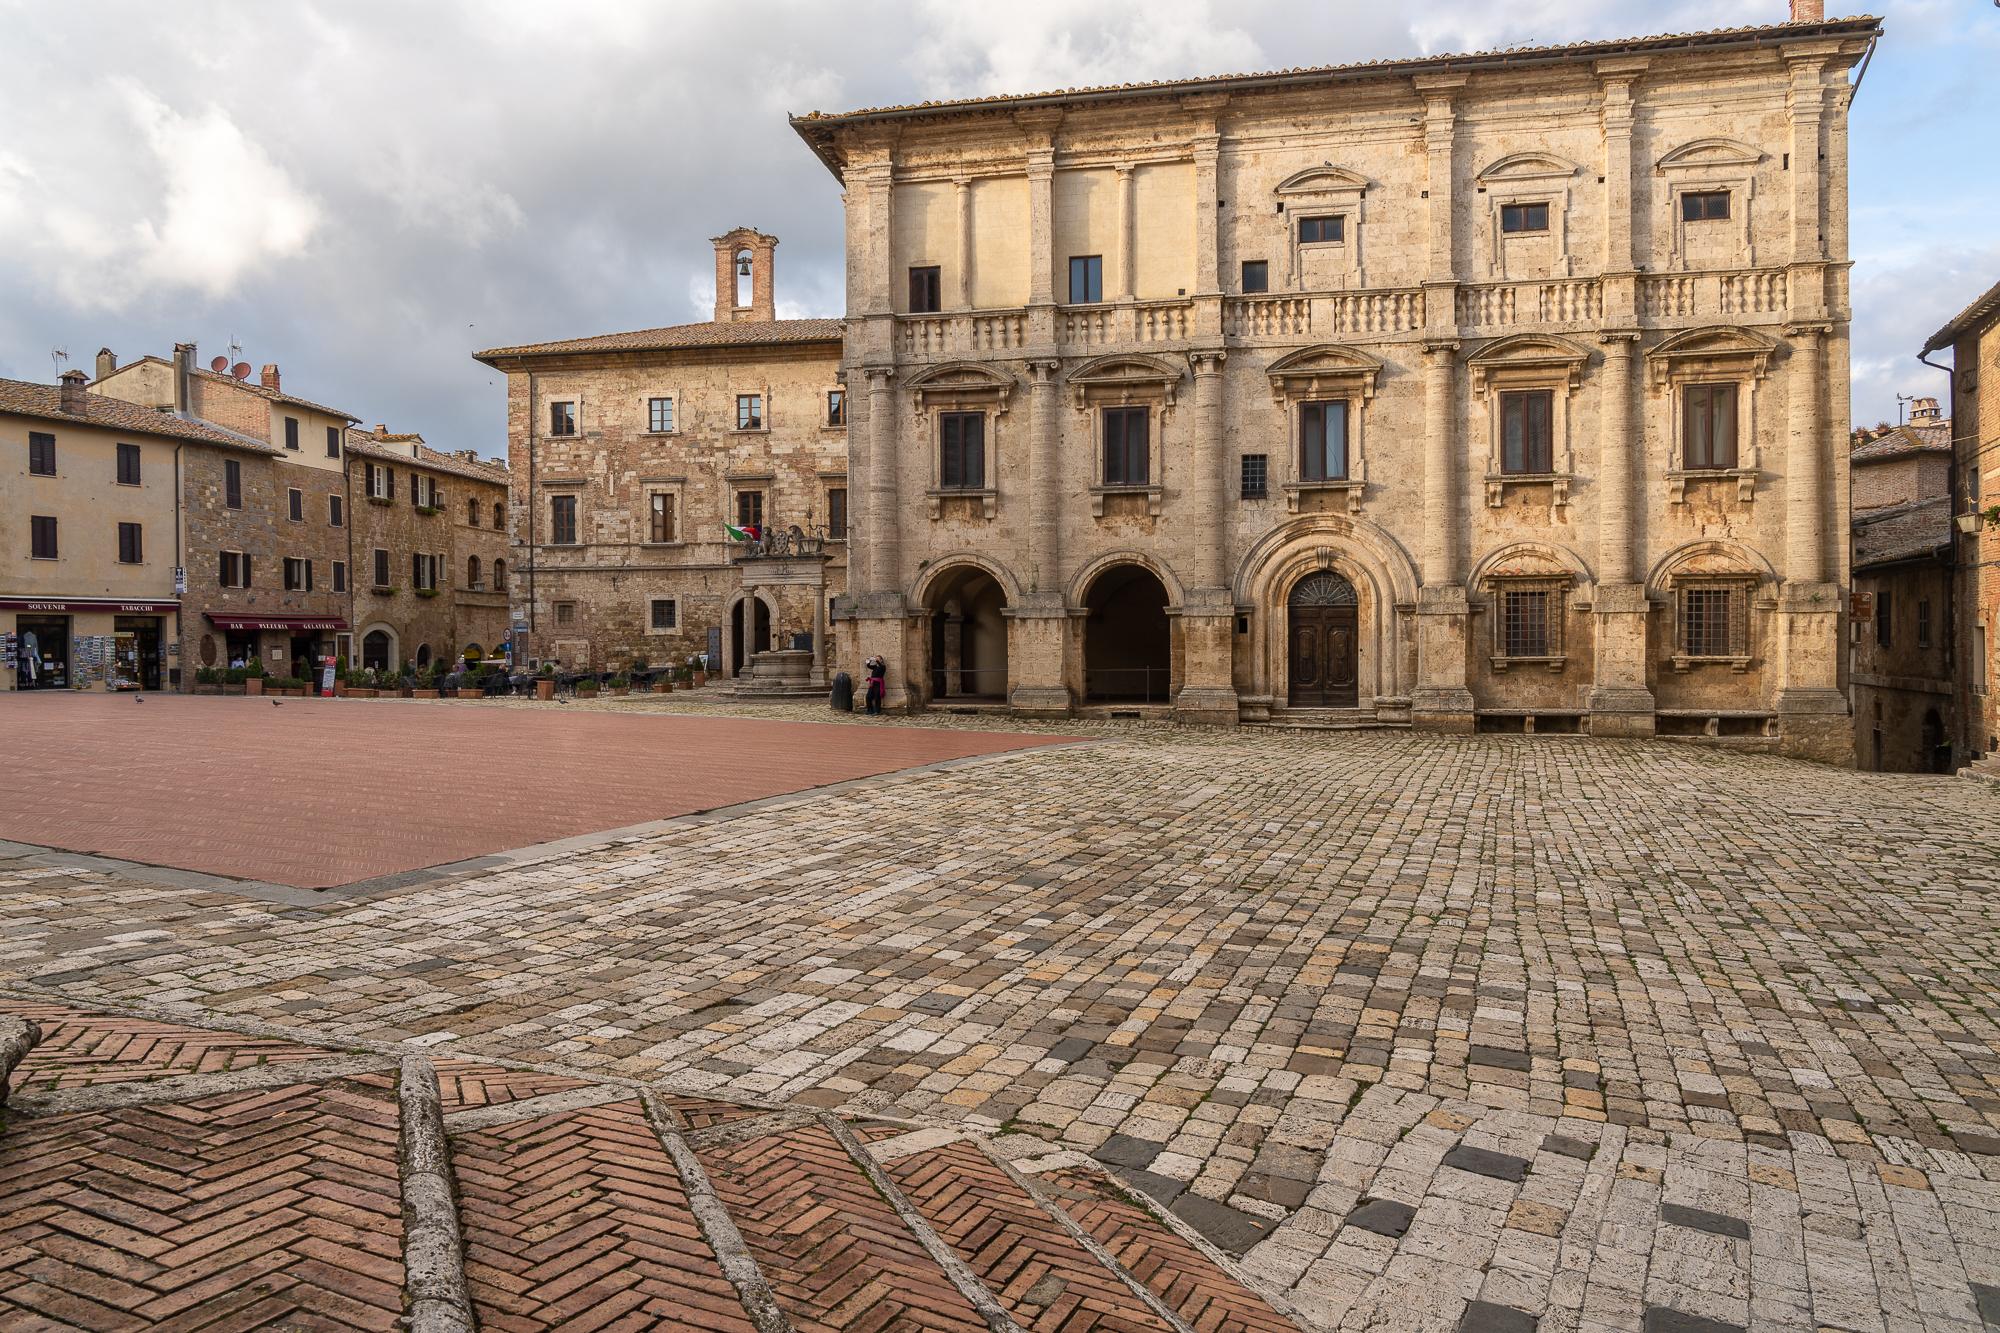 Door of the catedrale, Italy